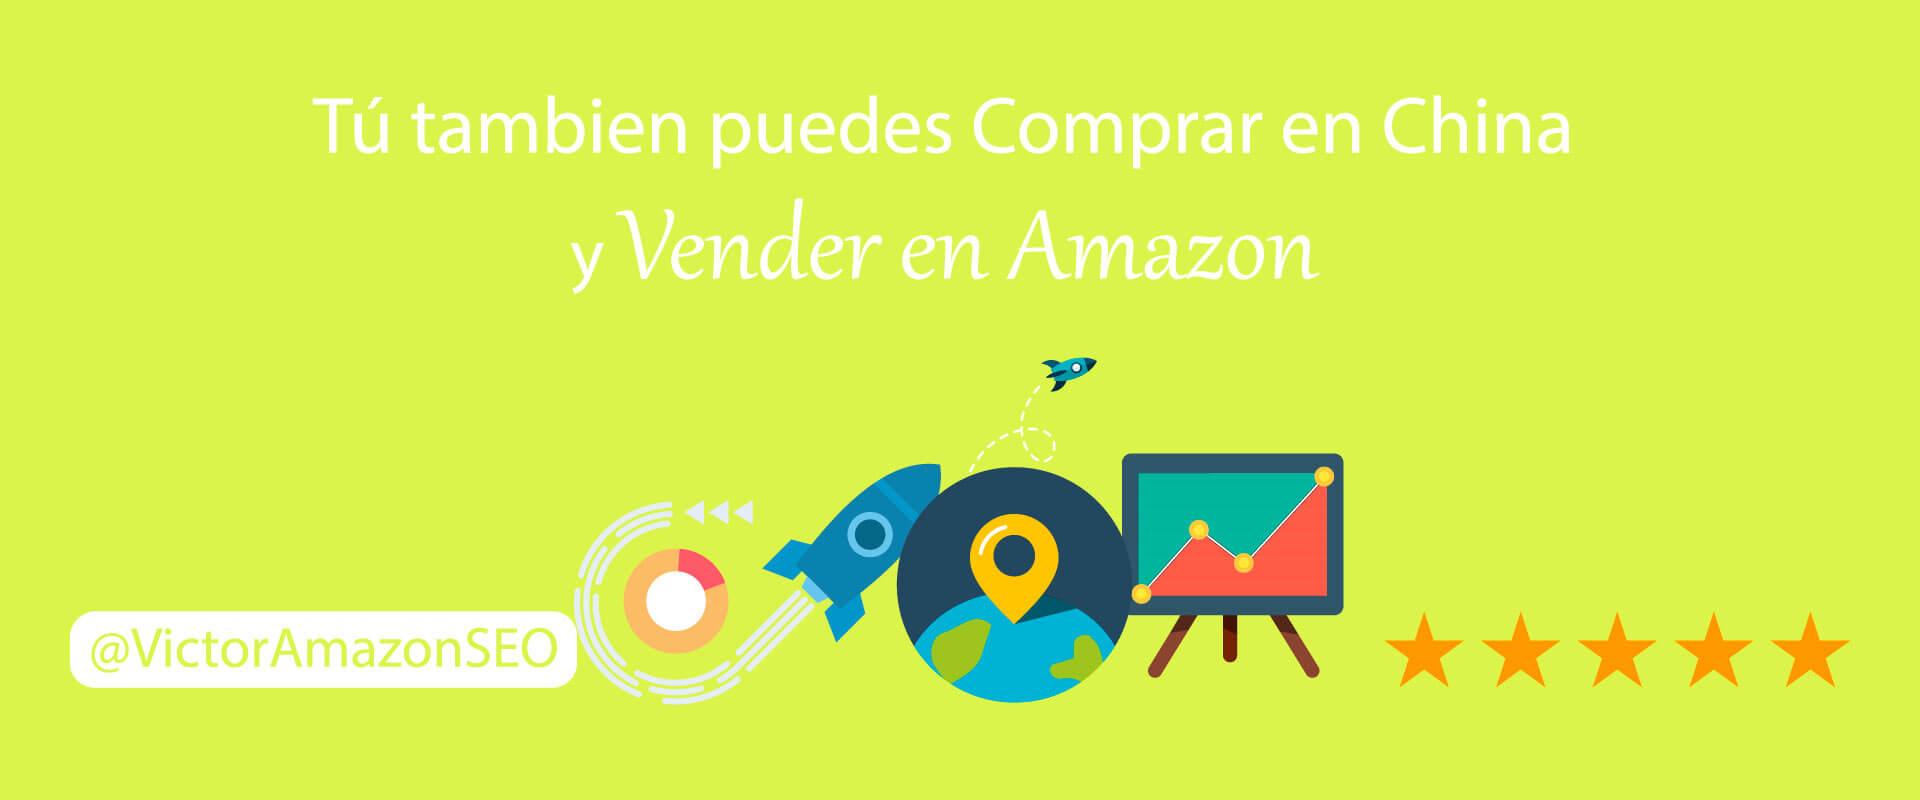 agencia especializada especialista amazon seo consultoria marketplaces